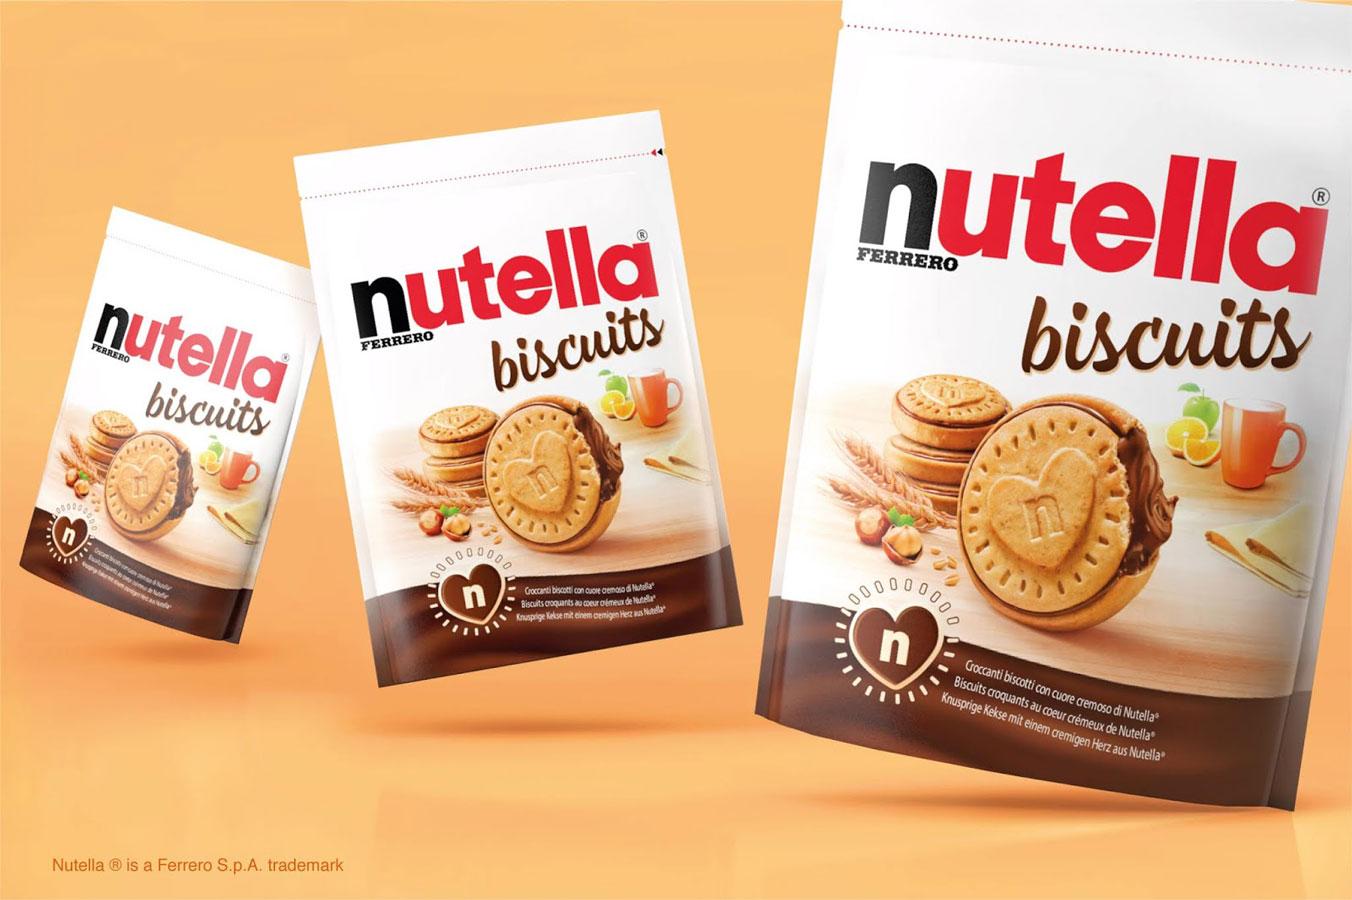 Três embalagens do Nutella Biscuits lado a lado